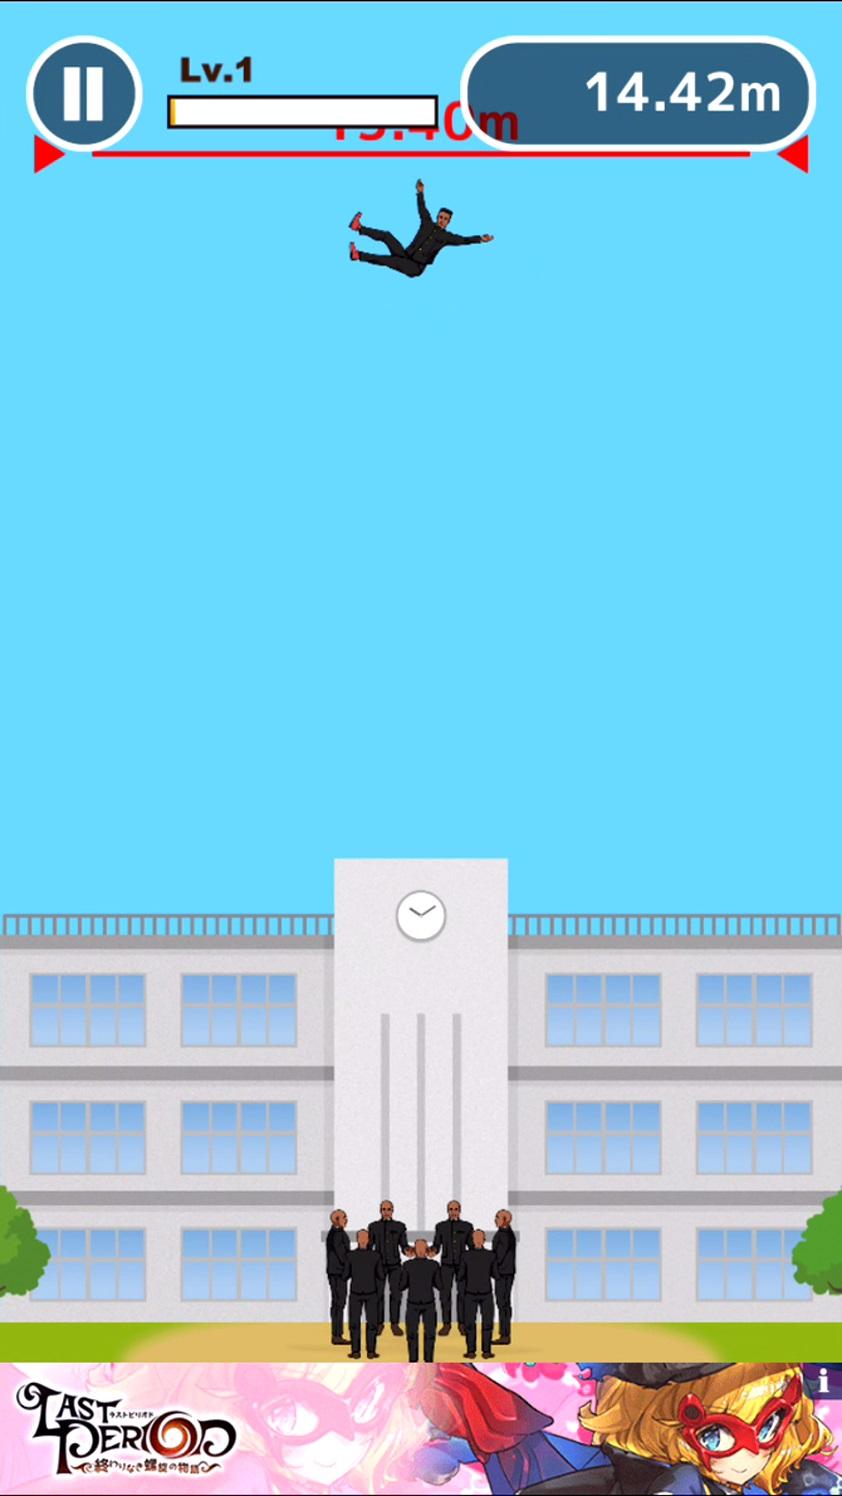 熱血高校!胴上げ部 androidアプリスクリーンショット1